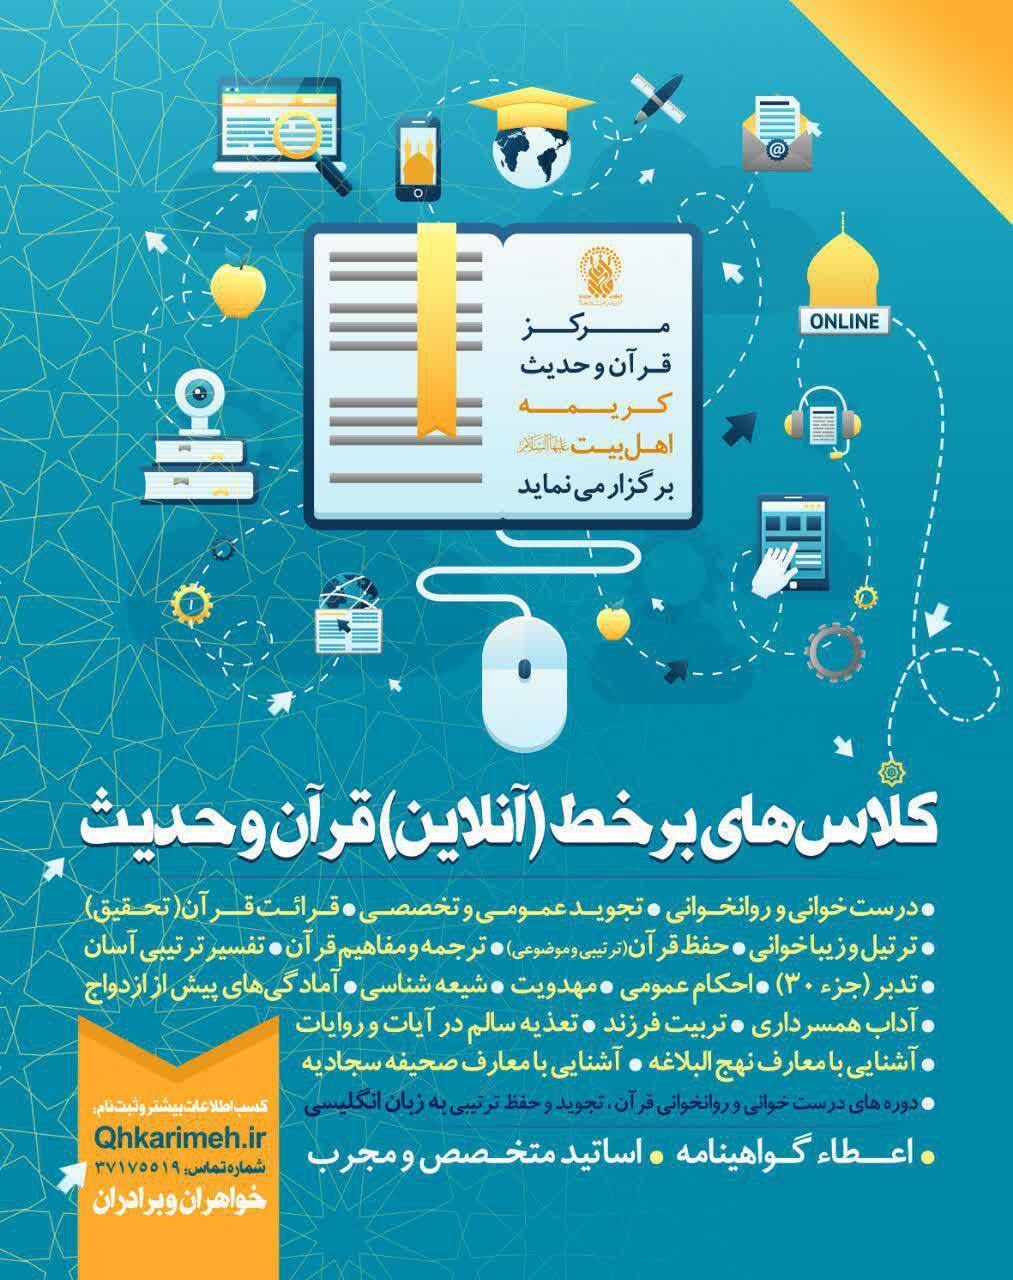 برگزاری دورههای برخط (آنلاین) قرآن و حدیث